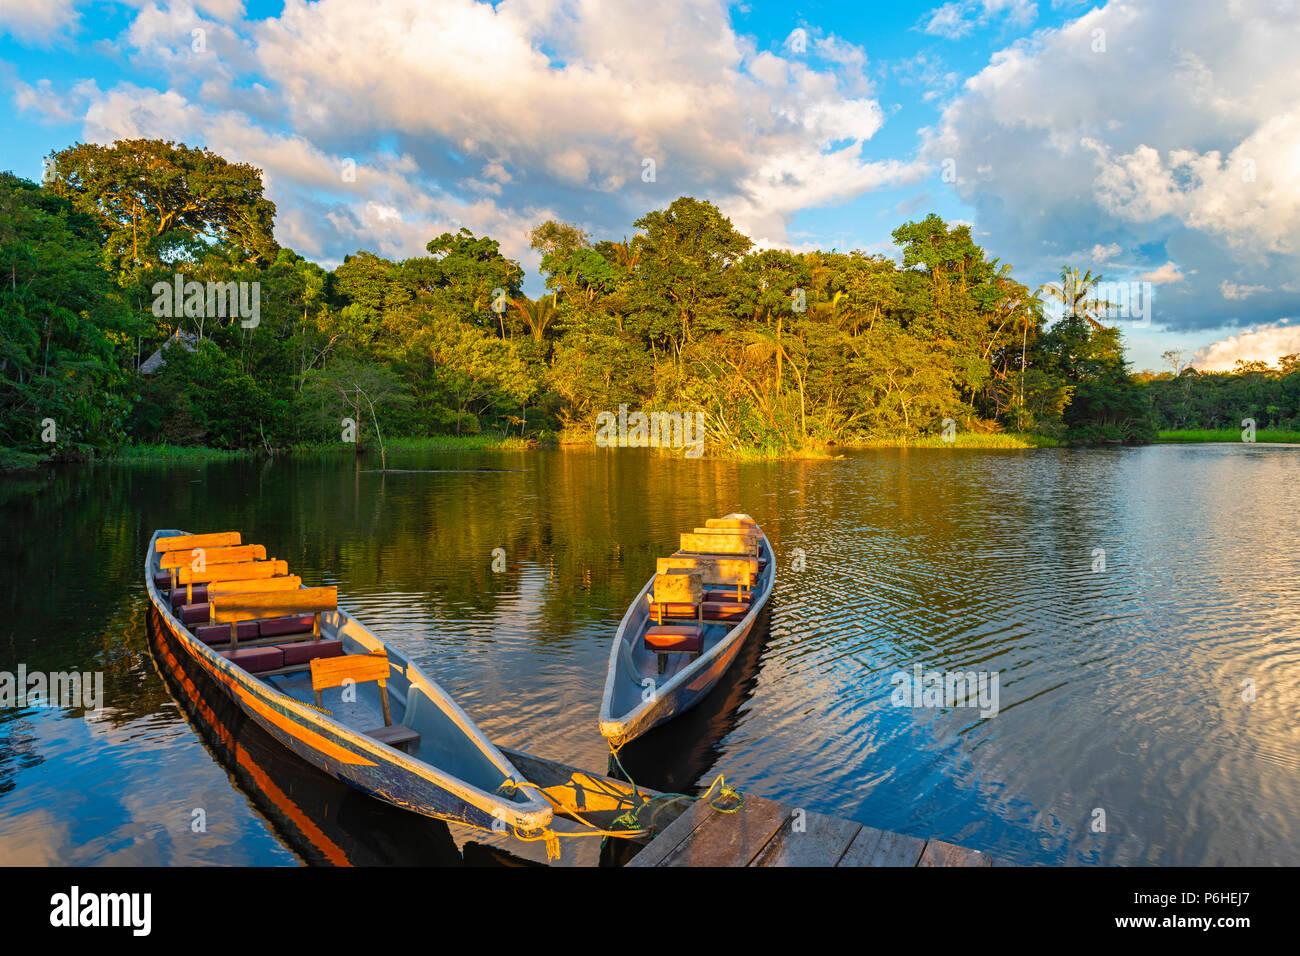 Dos tradicionales canoas de madera al atardecer en la cuenca del río Amazonas con el bosque tropical en el fondo, el Parque Nacional Yasuní, Ecuador. Imagen De Stock